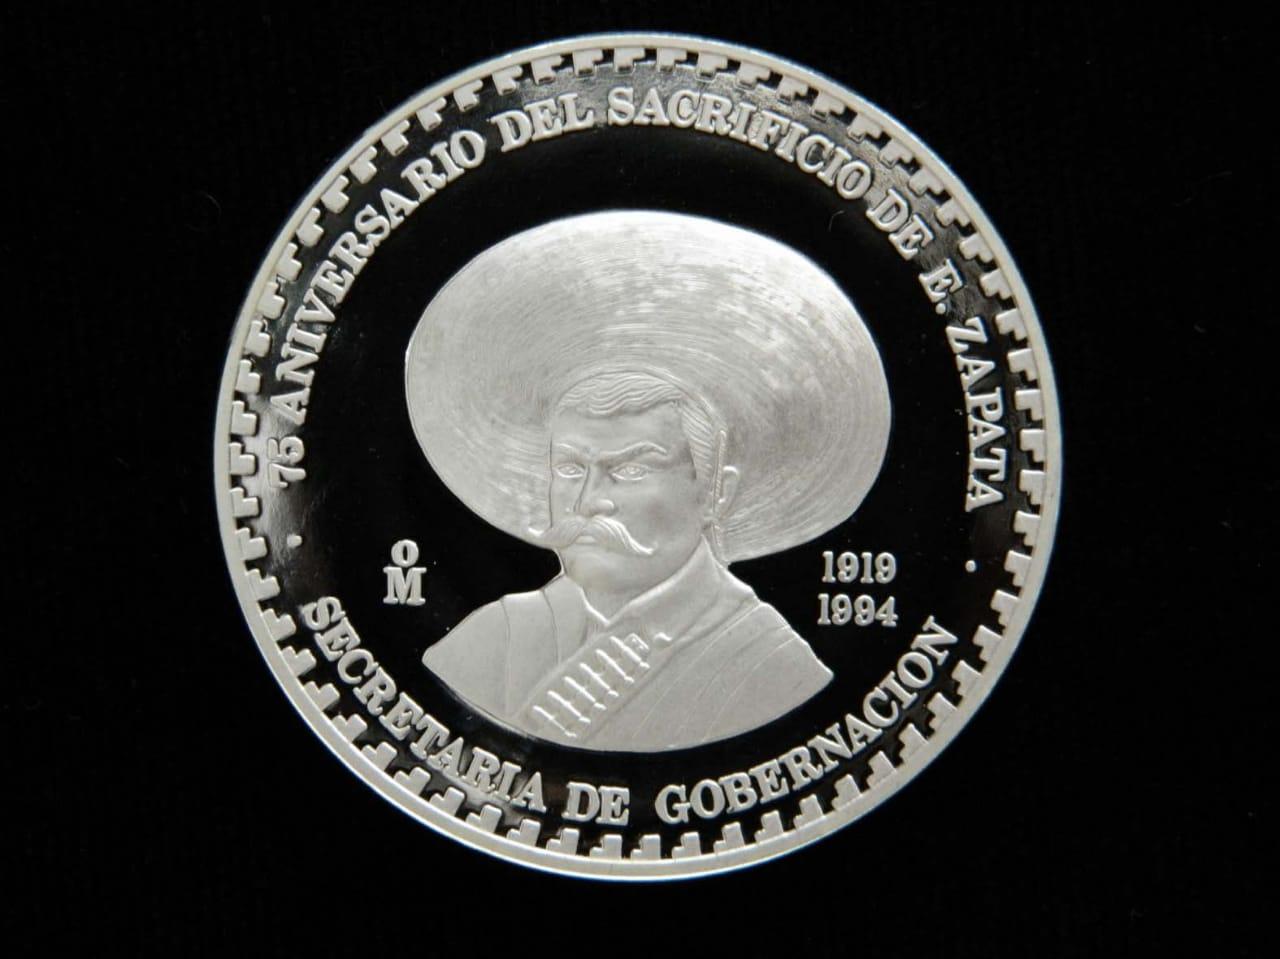 6cb96c148cf4 ... que espero se relacionen con la común inclinación de quienes están  aquí  la suma de belleza y utilidad que tan atractiva hace a las monedas ...